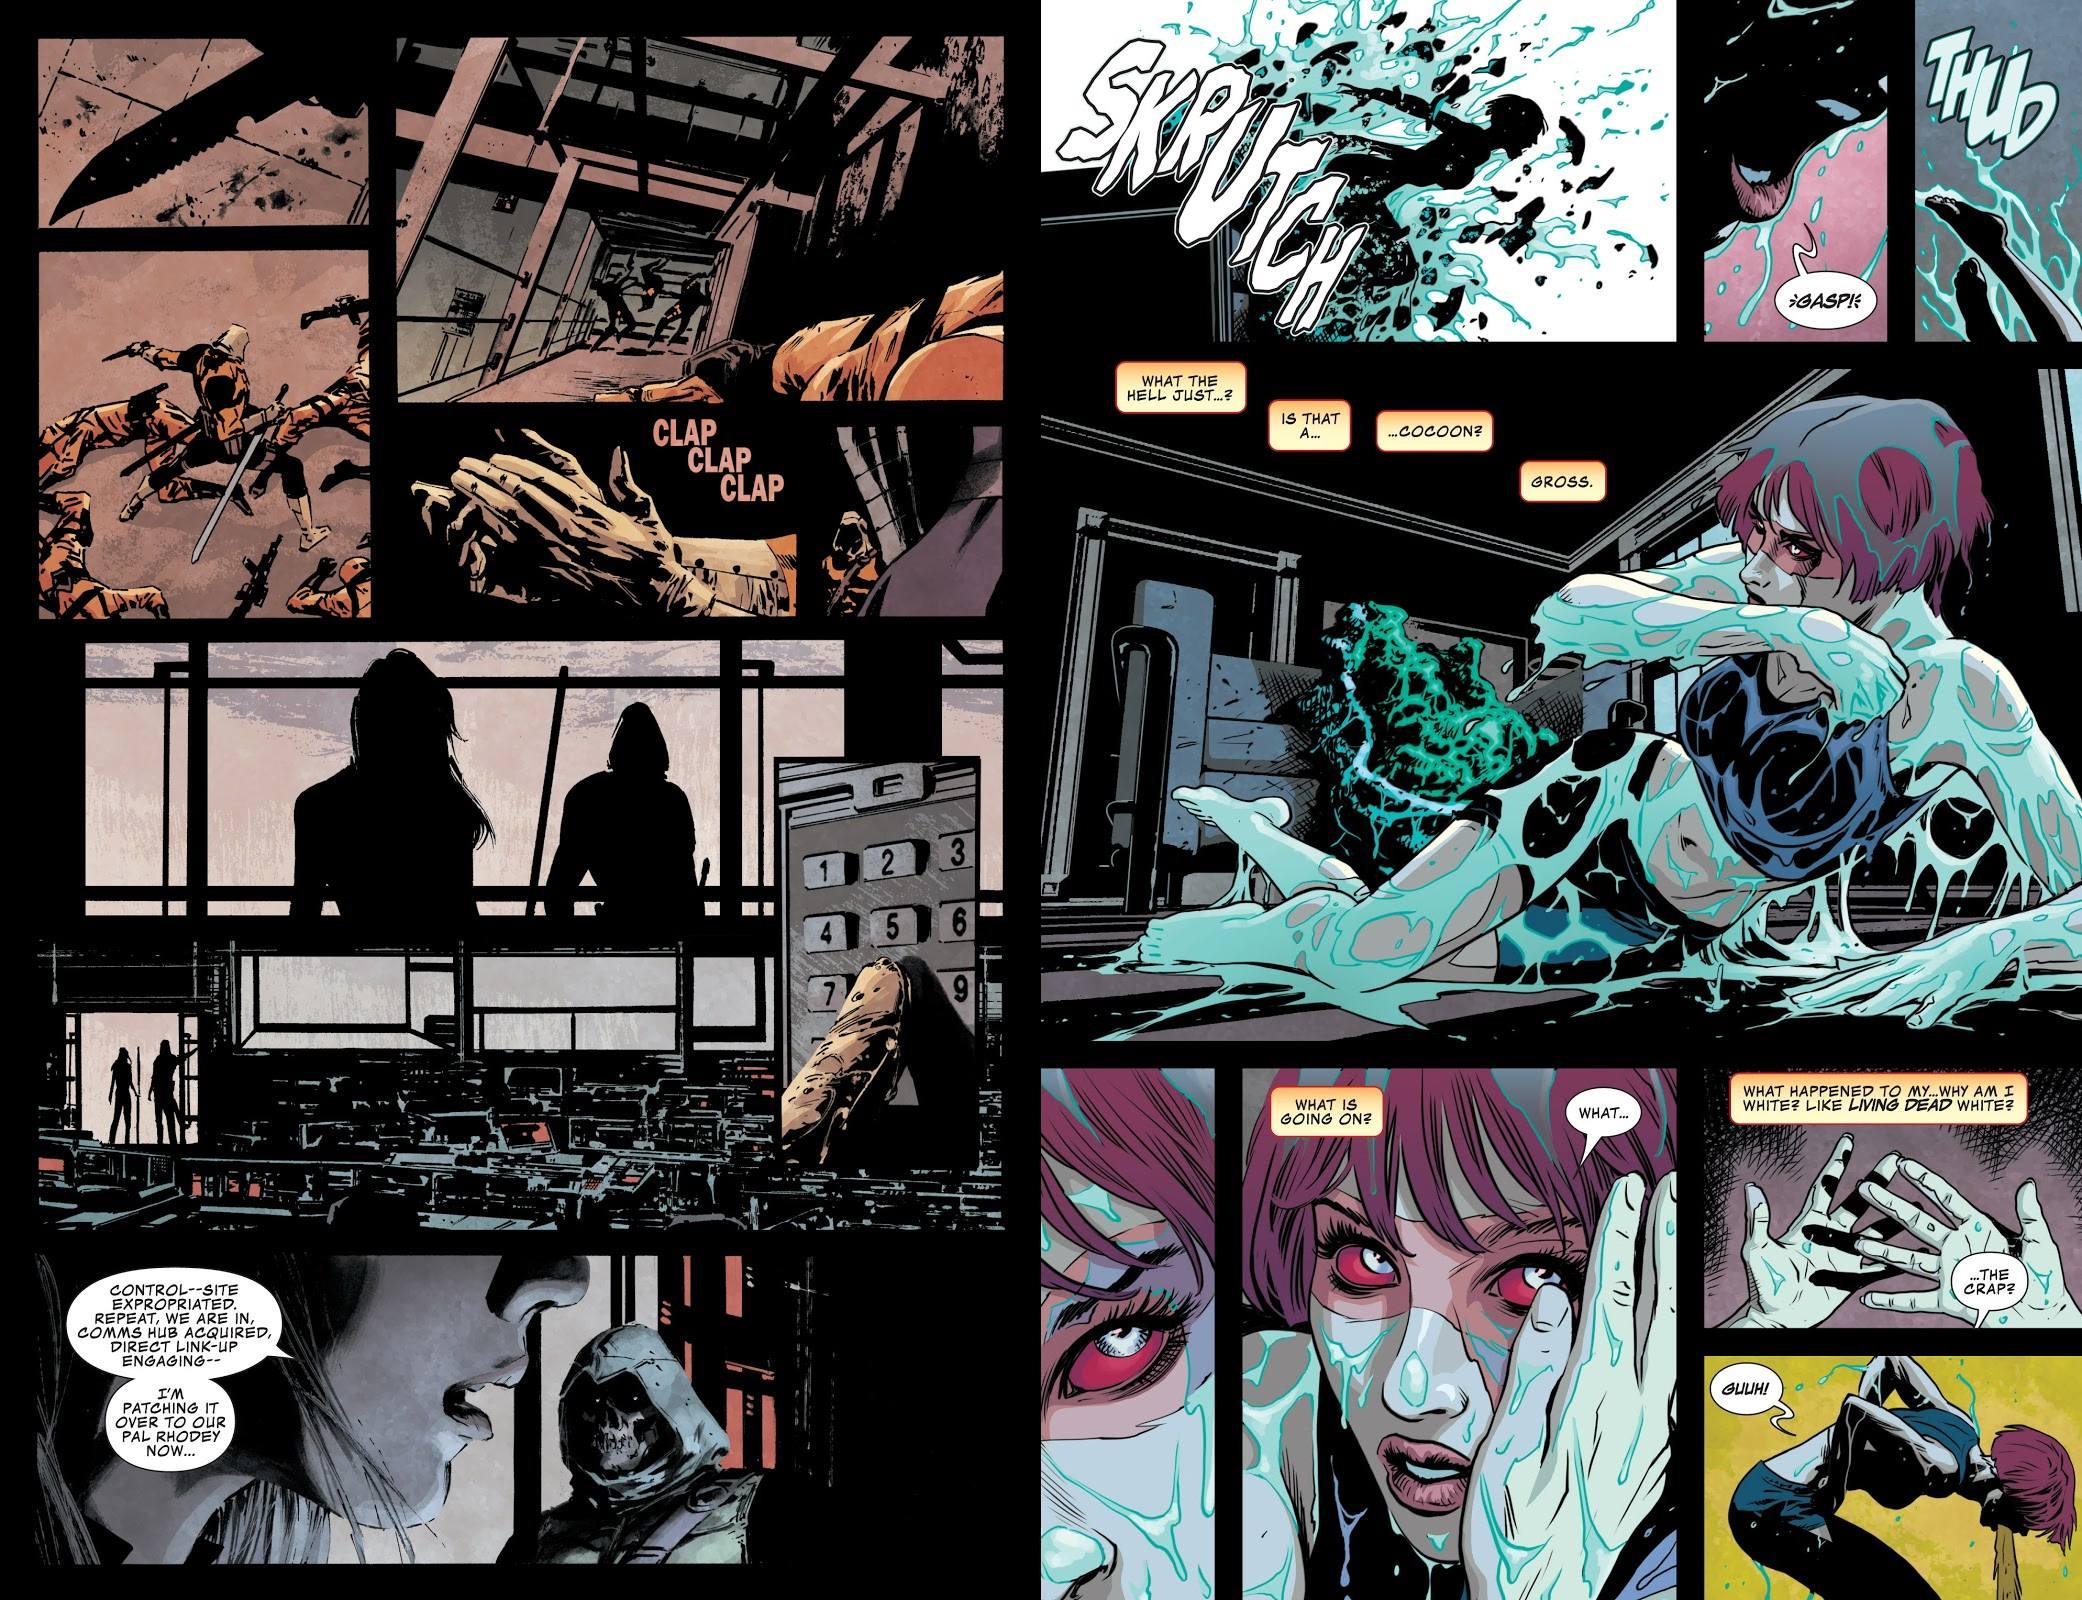 Secret Avengers Iliad review